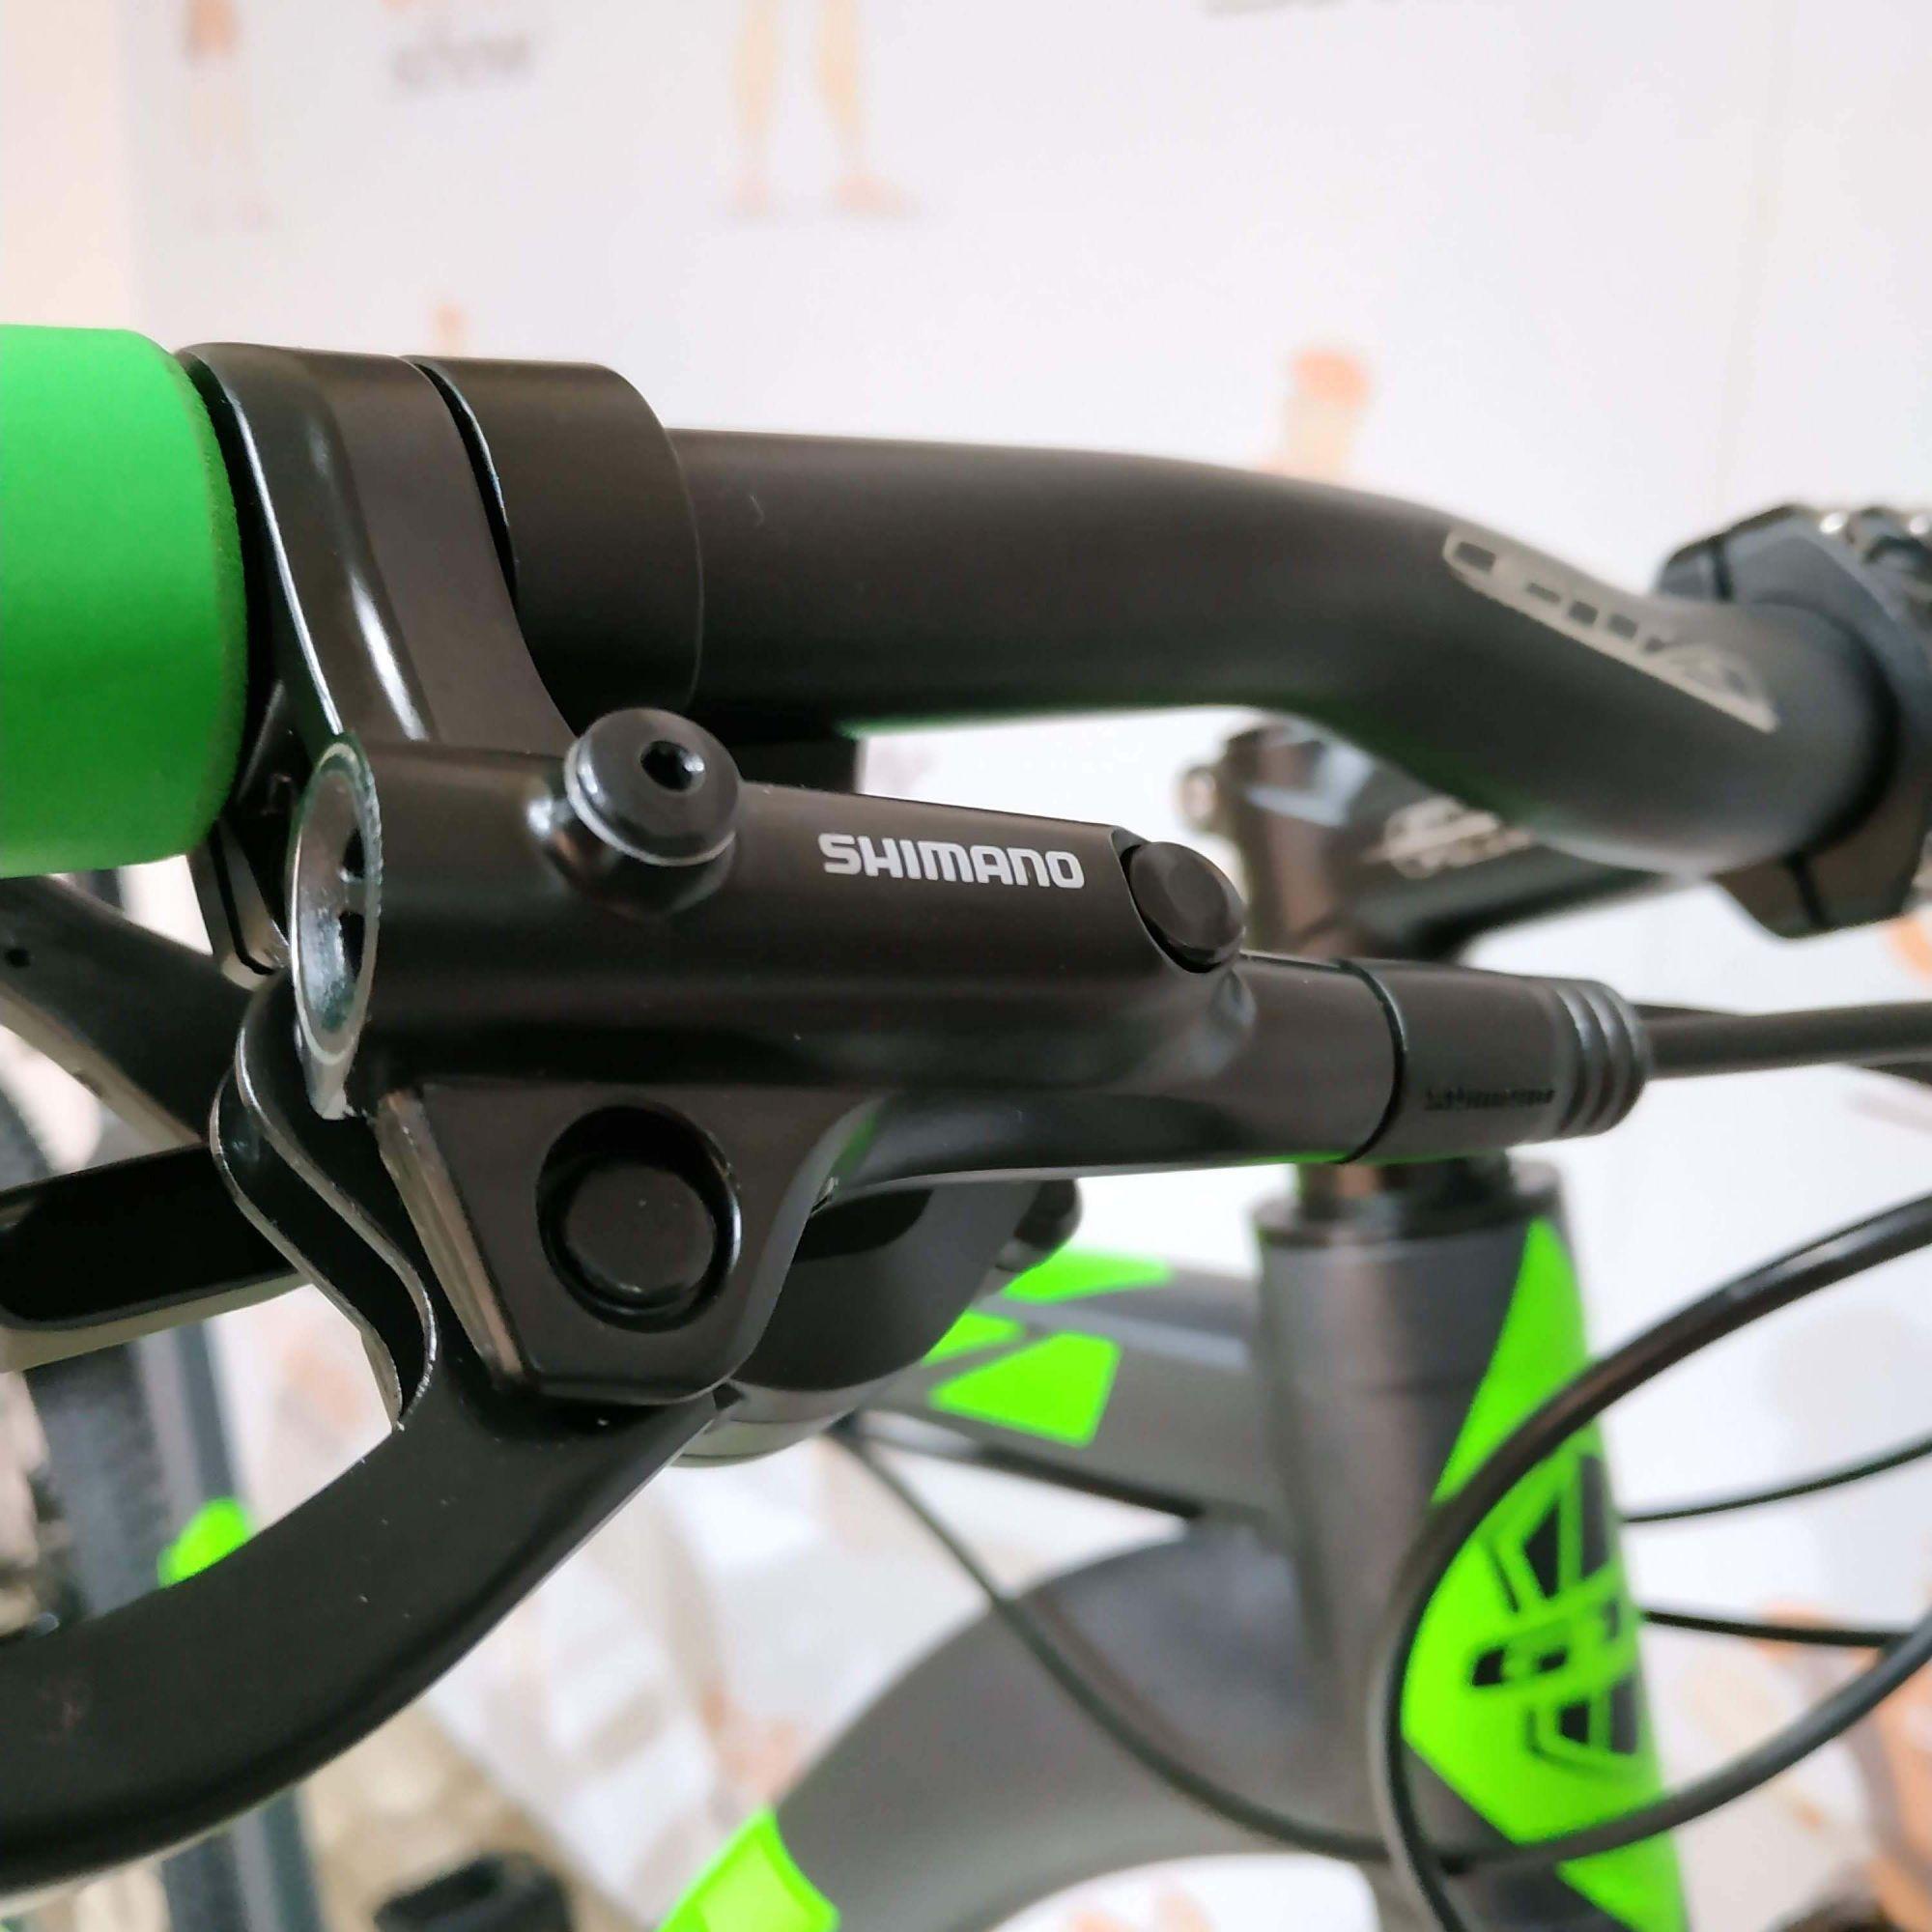 Bicicleta GTA NX11 aro 29 - 16v Shimano Altus - K7 Sunrace 11/40 dentes - Suspensão Trust com trava no guidão